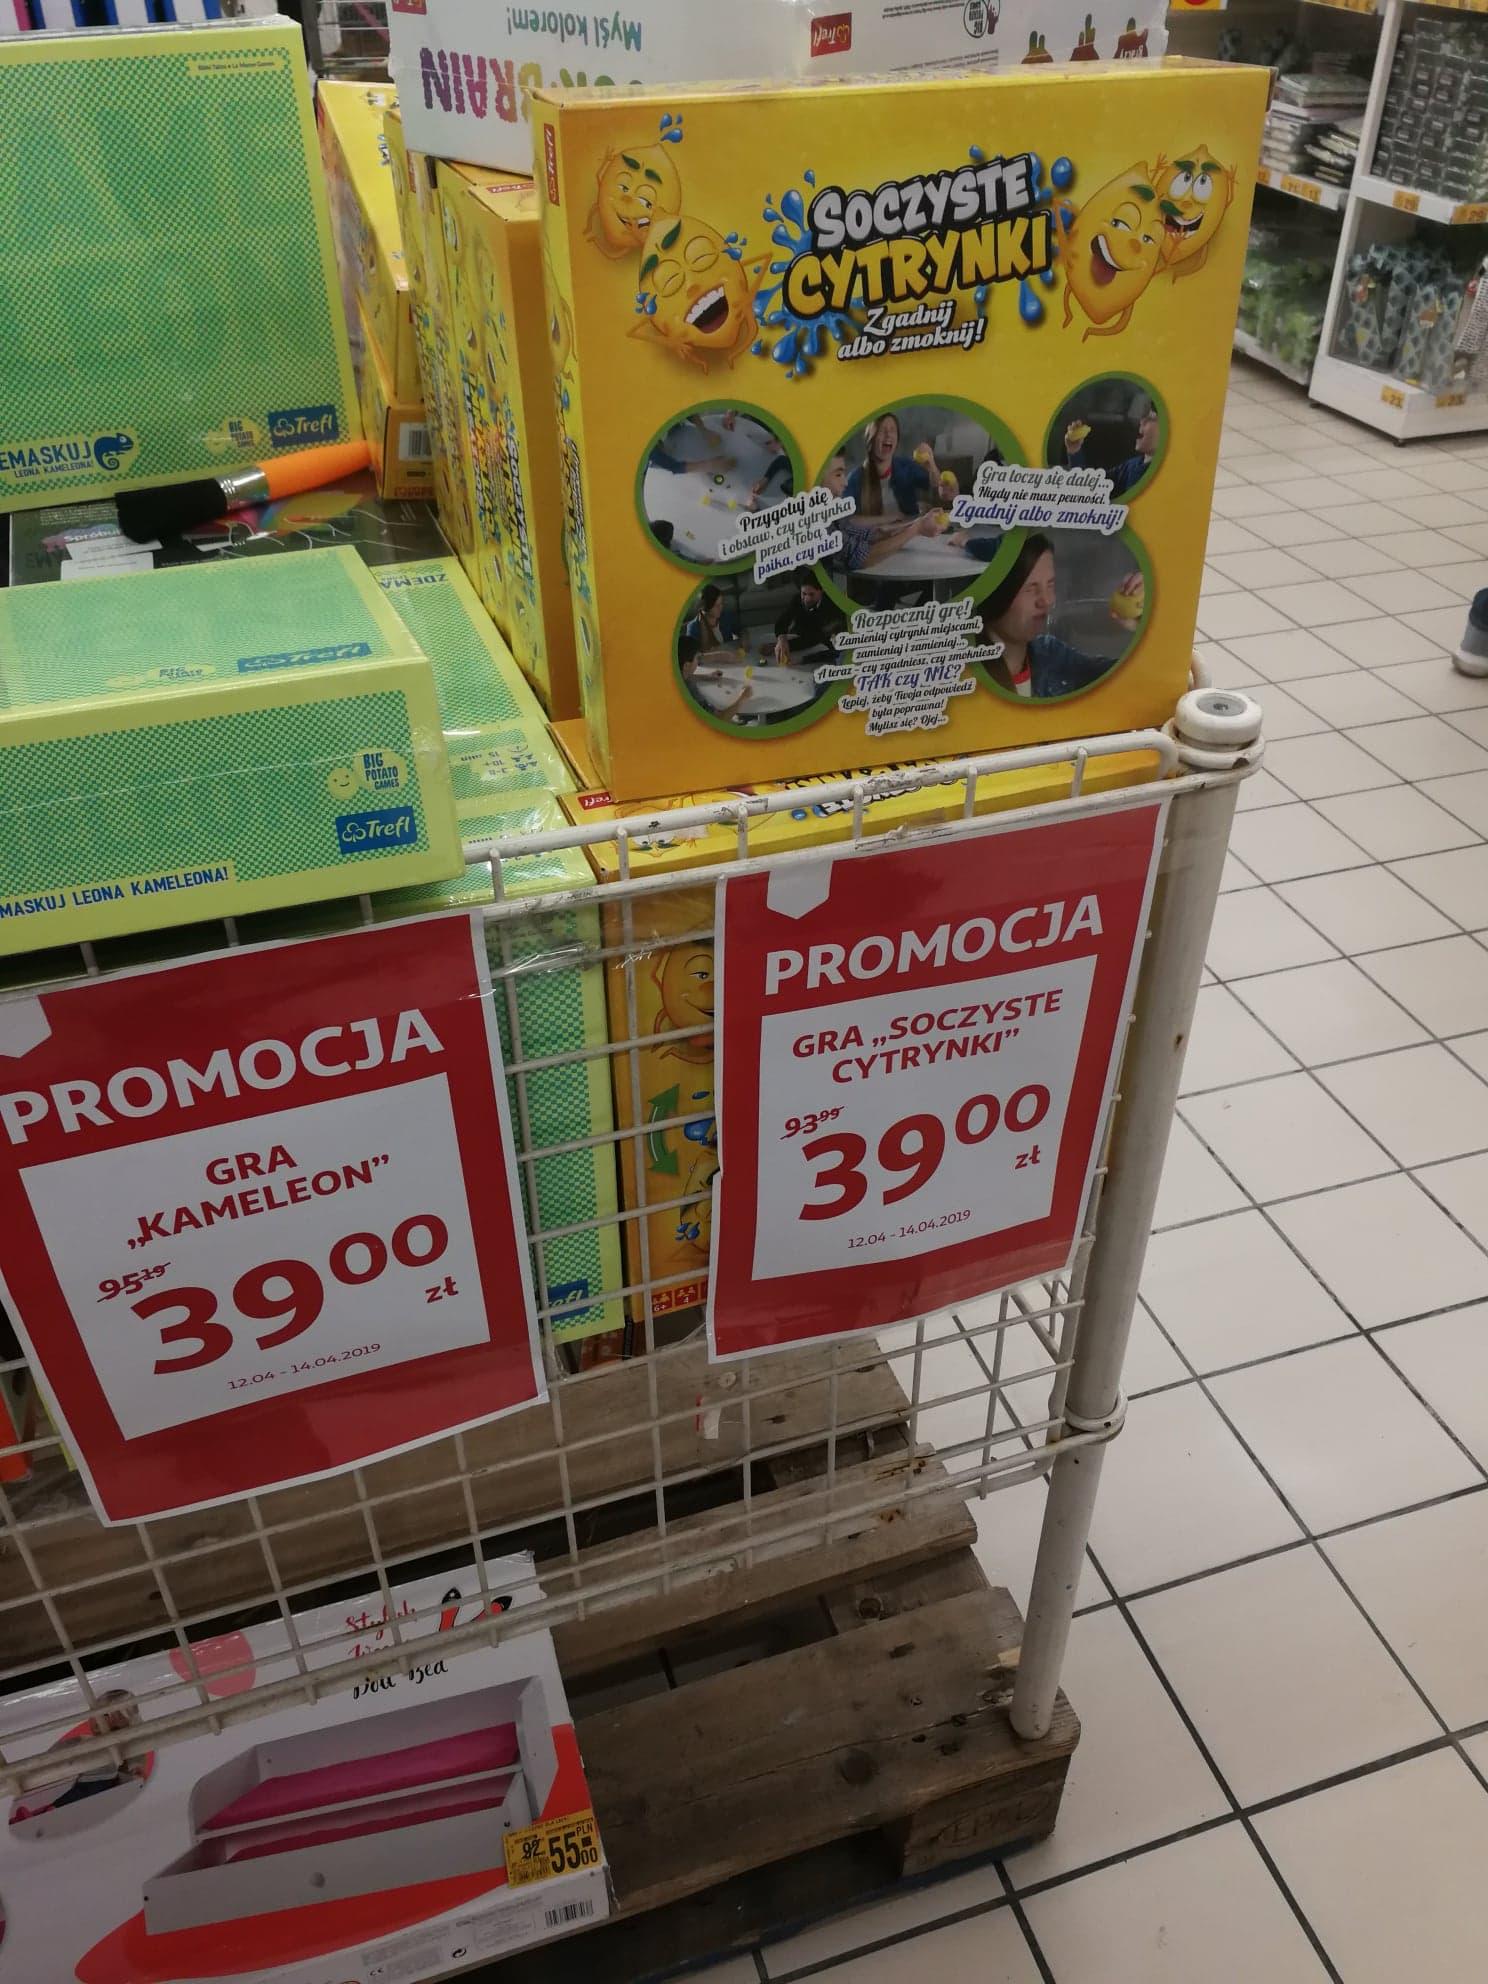 Gra Kameleon i Gra Soczyste Cytrynki - Auchan Galeria Bronowice